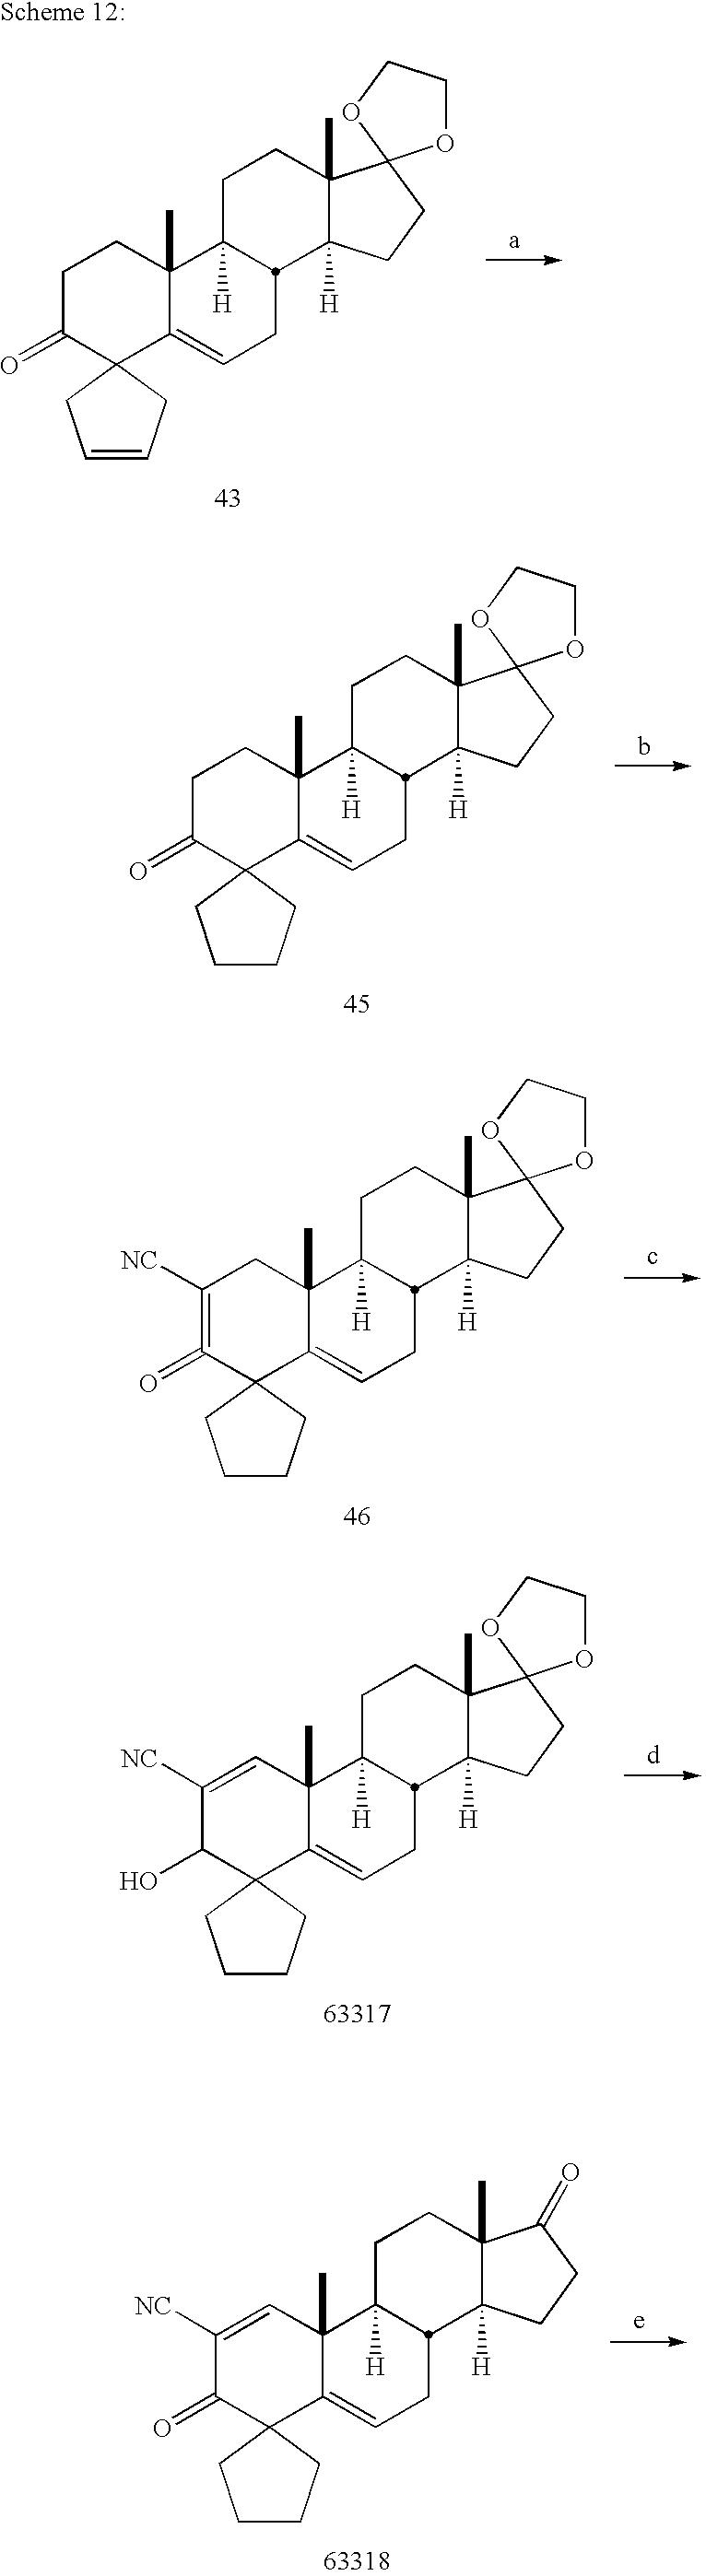 Figure US20100048887A1-20100225-C00056